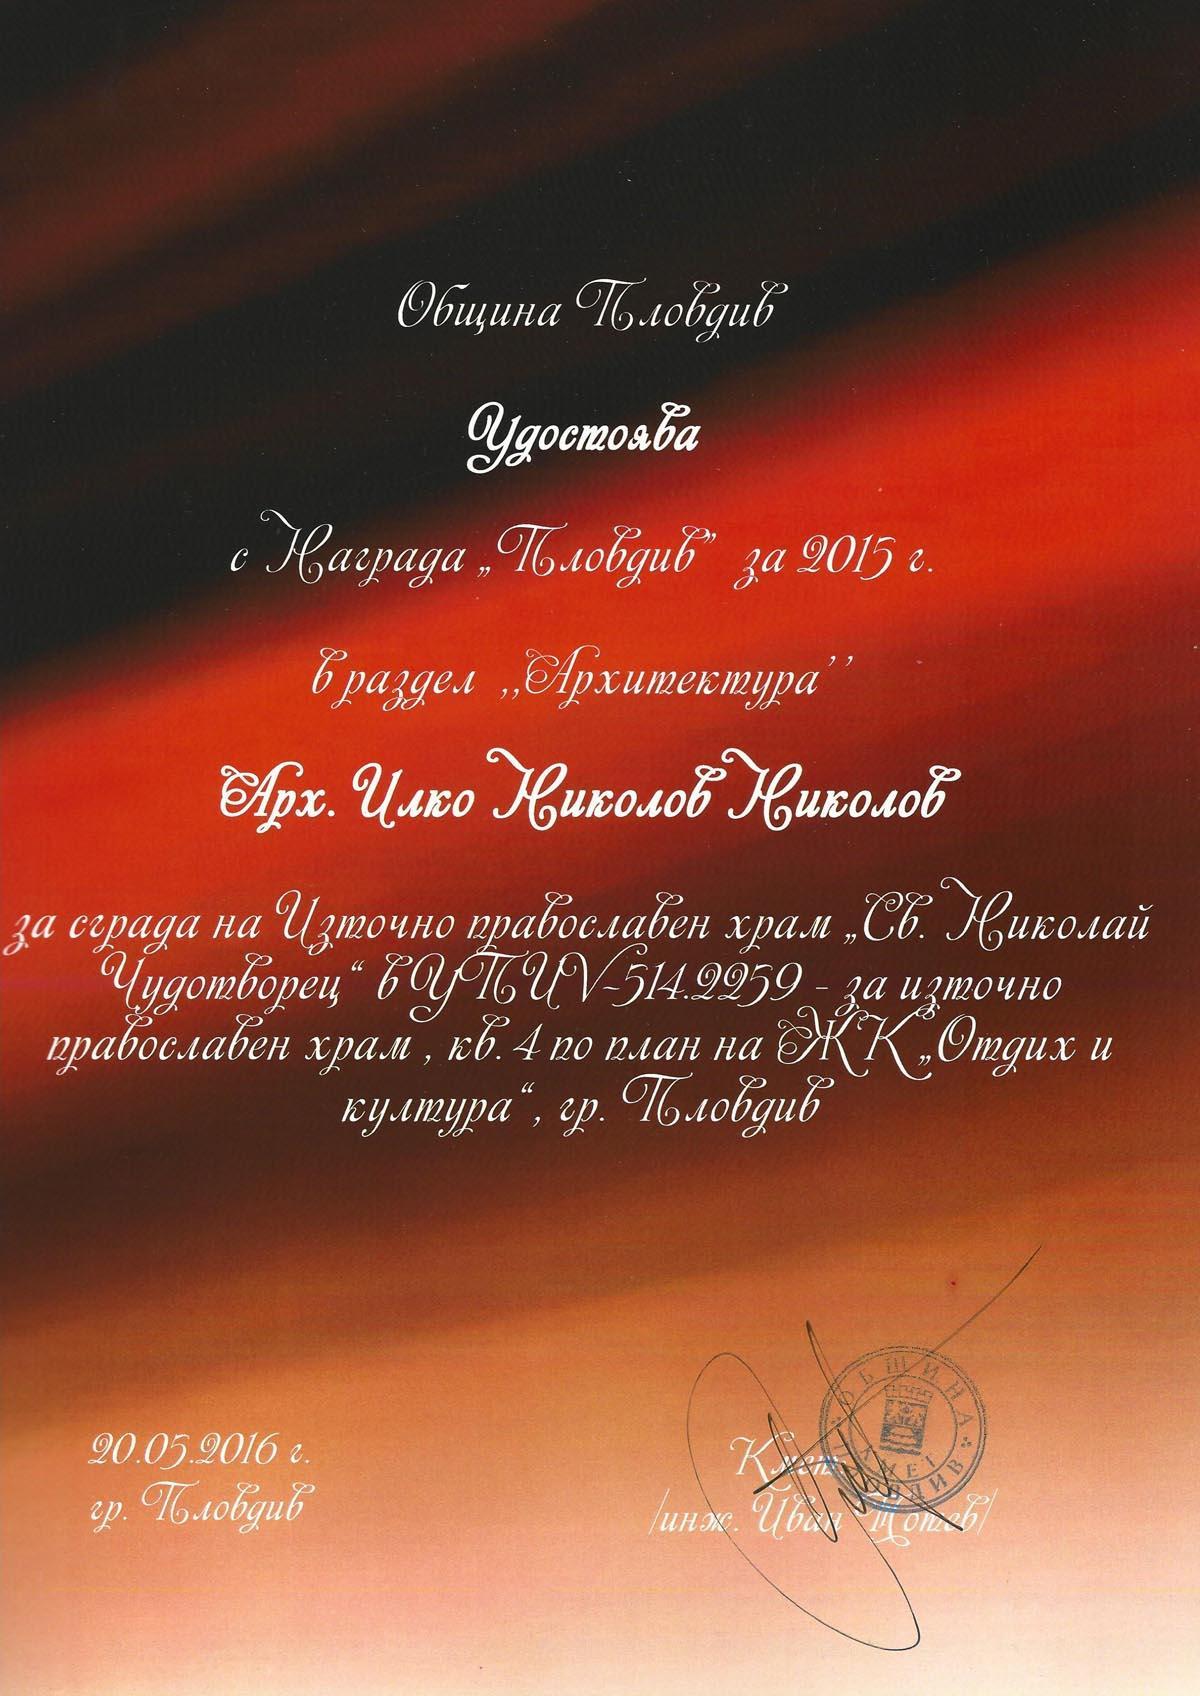 Award Plovdiv 2015